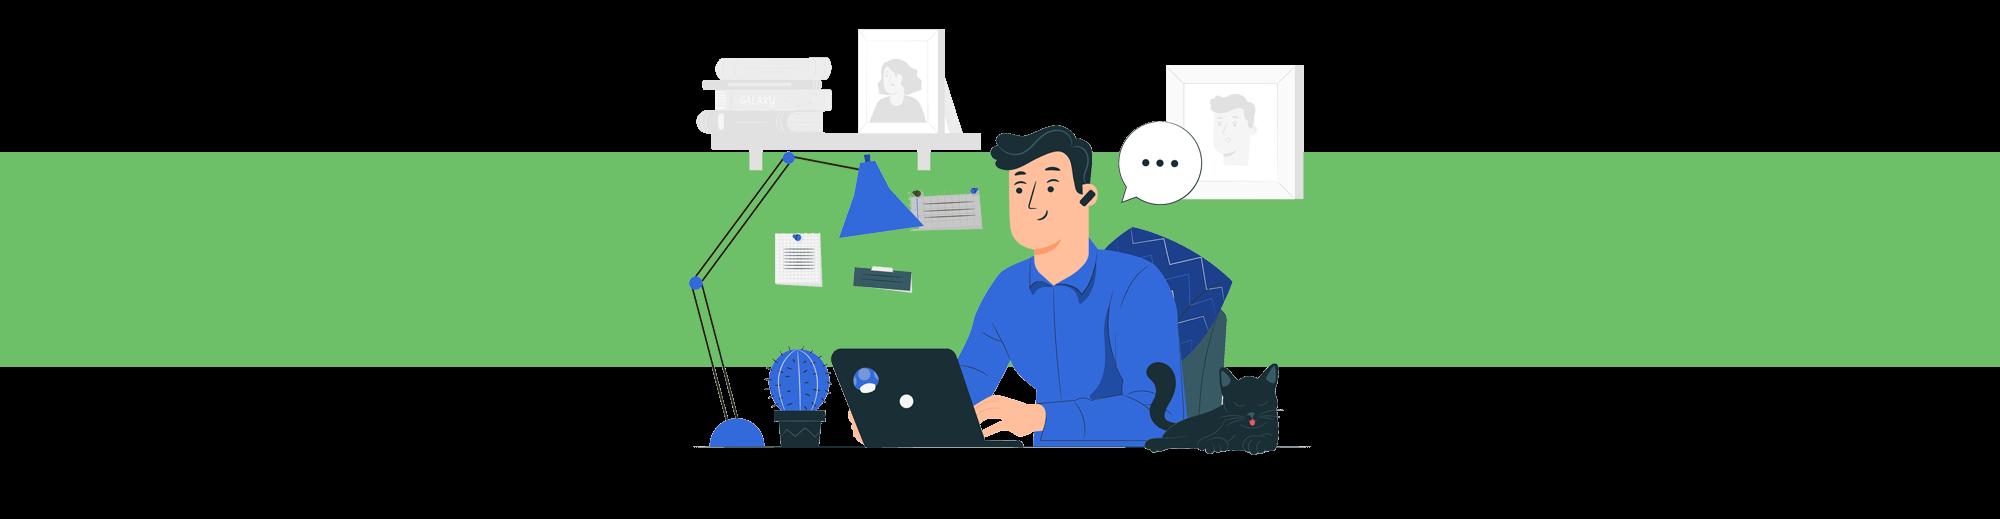 Manage Remote Work